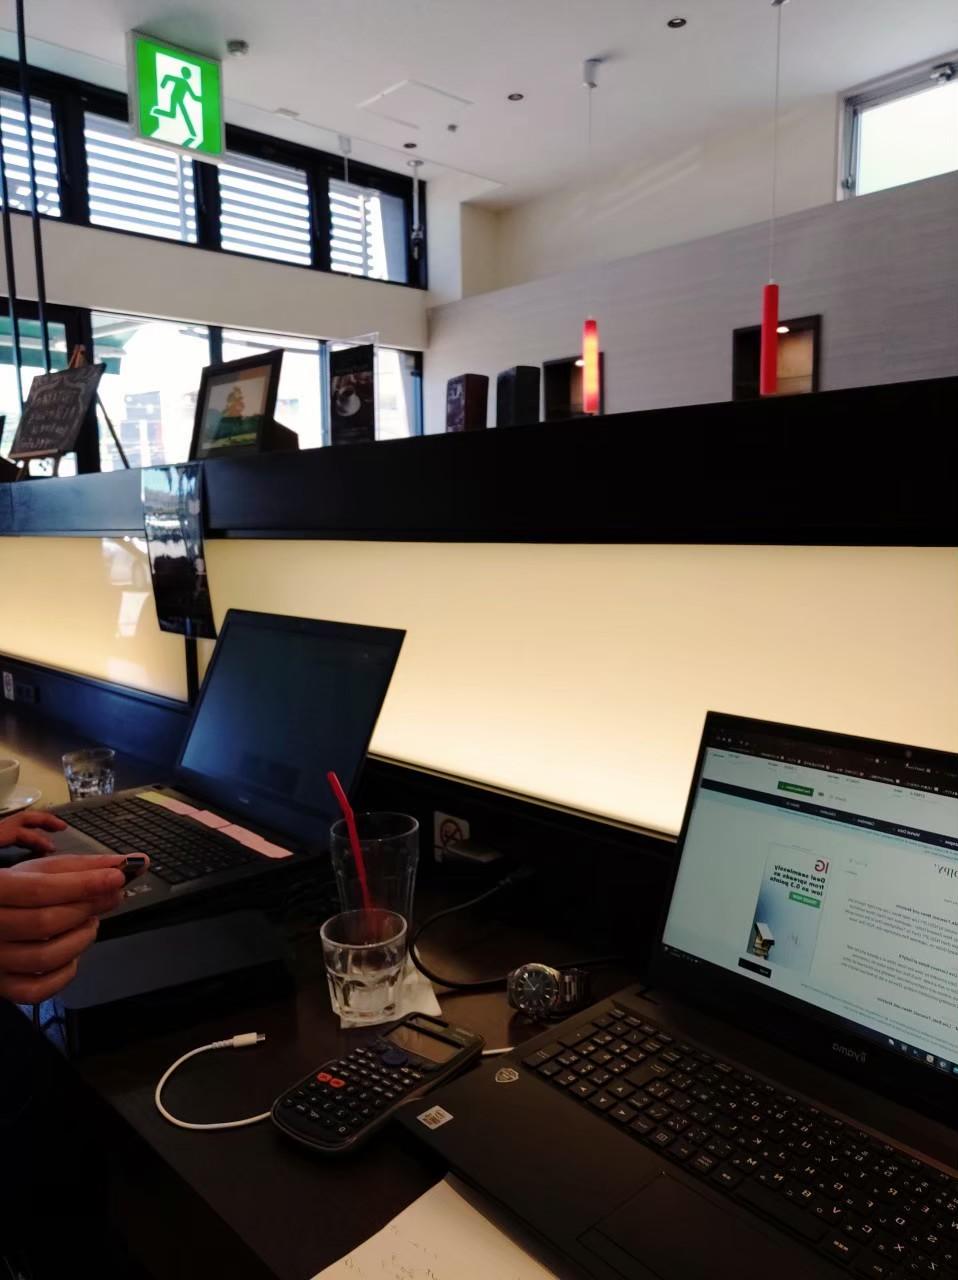 鹿児島市のカフェにてノマドワーク